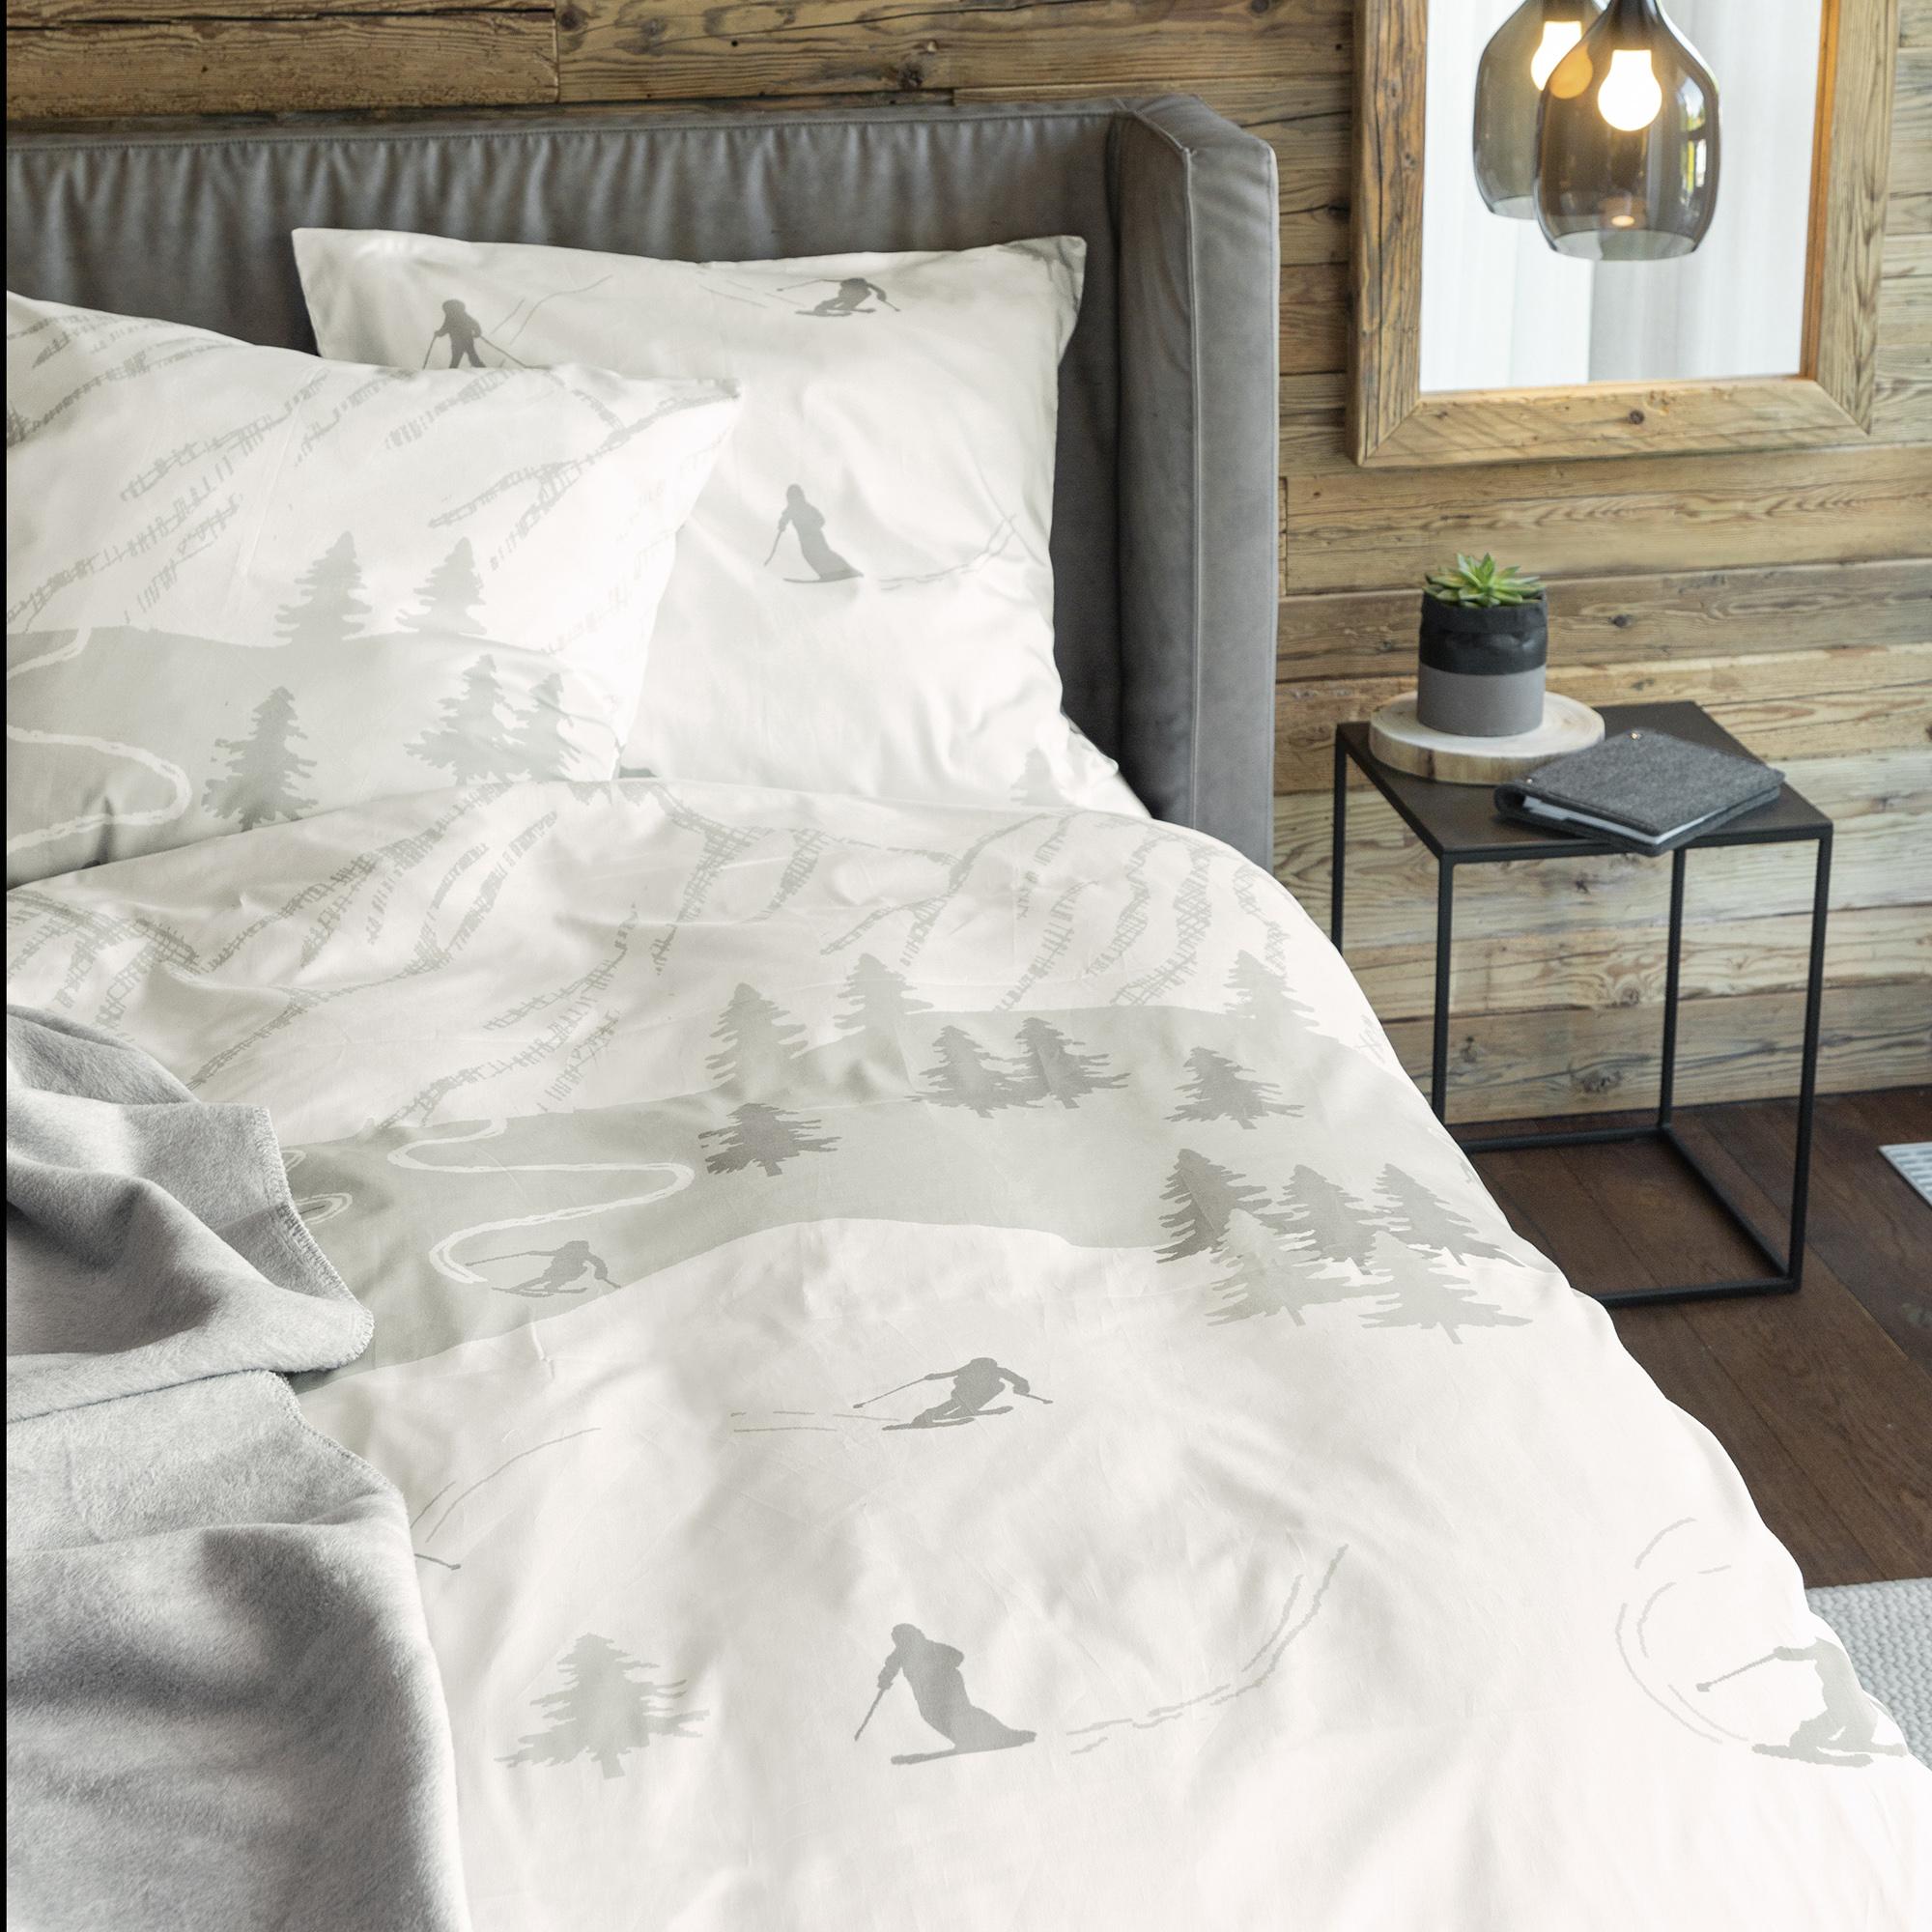 zeitgeist bettw sche 135x200cm flauschig warme. Black Bedroom Furniture Sets. Home Design Ideas